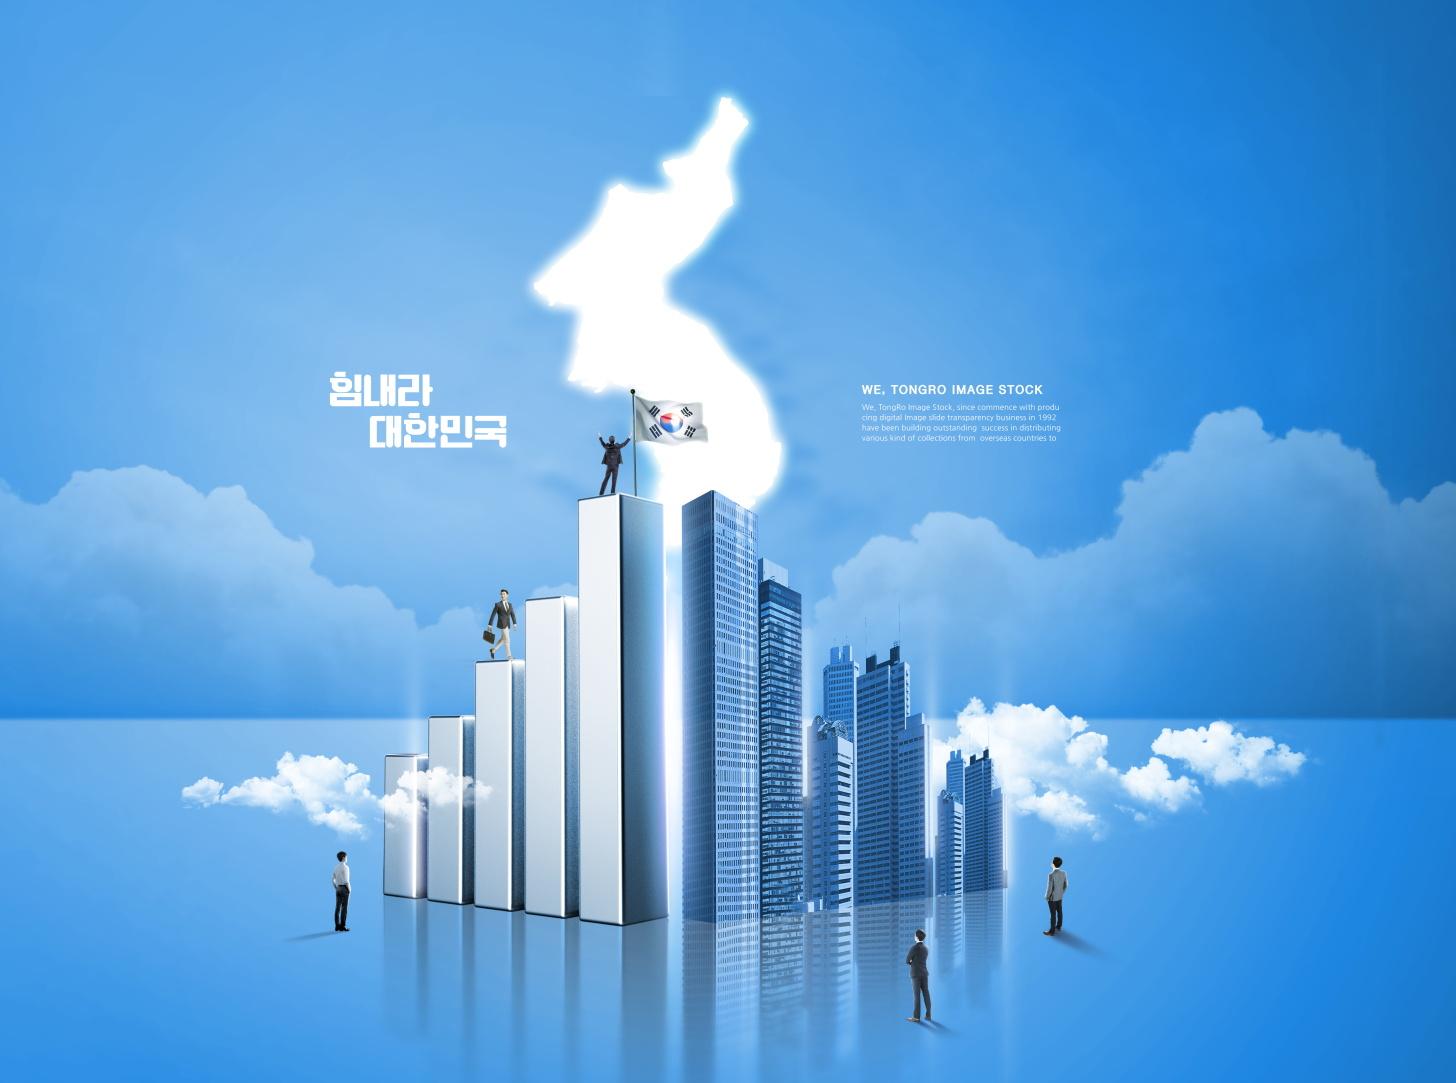 [单独购买] 14款时尚金融投资房地产企业文化宣传主视觉海报设计PSD模板素材 Financial Investment Sale Poster Template插图4